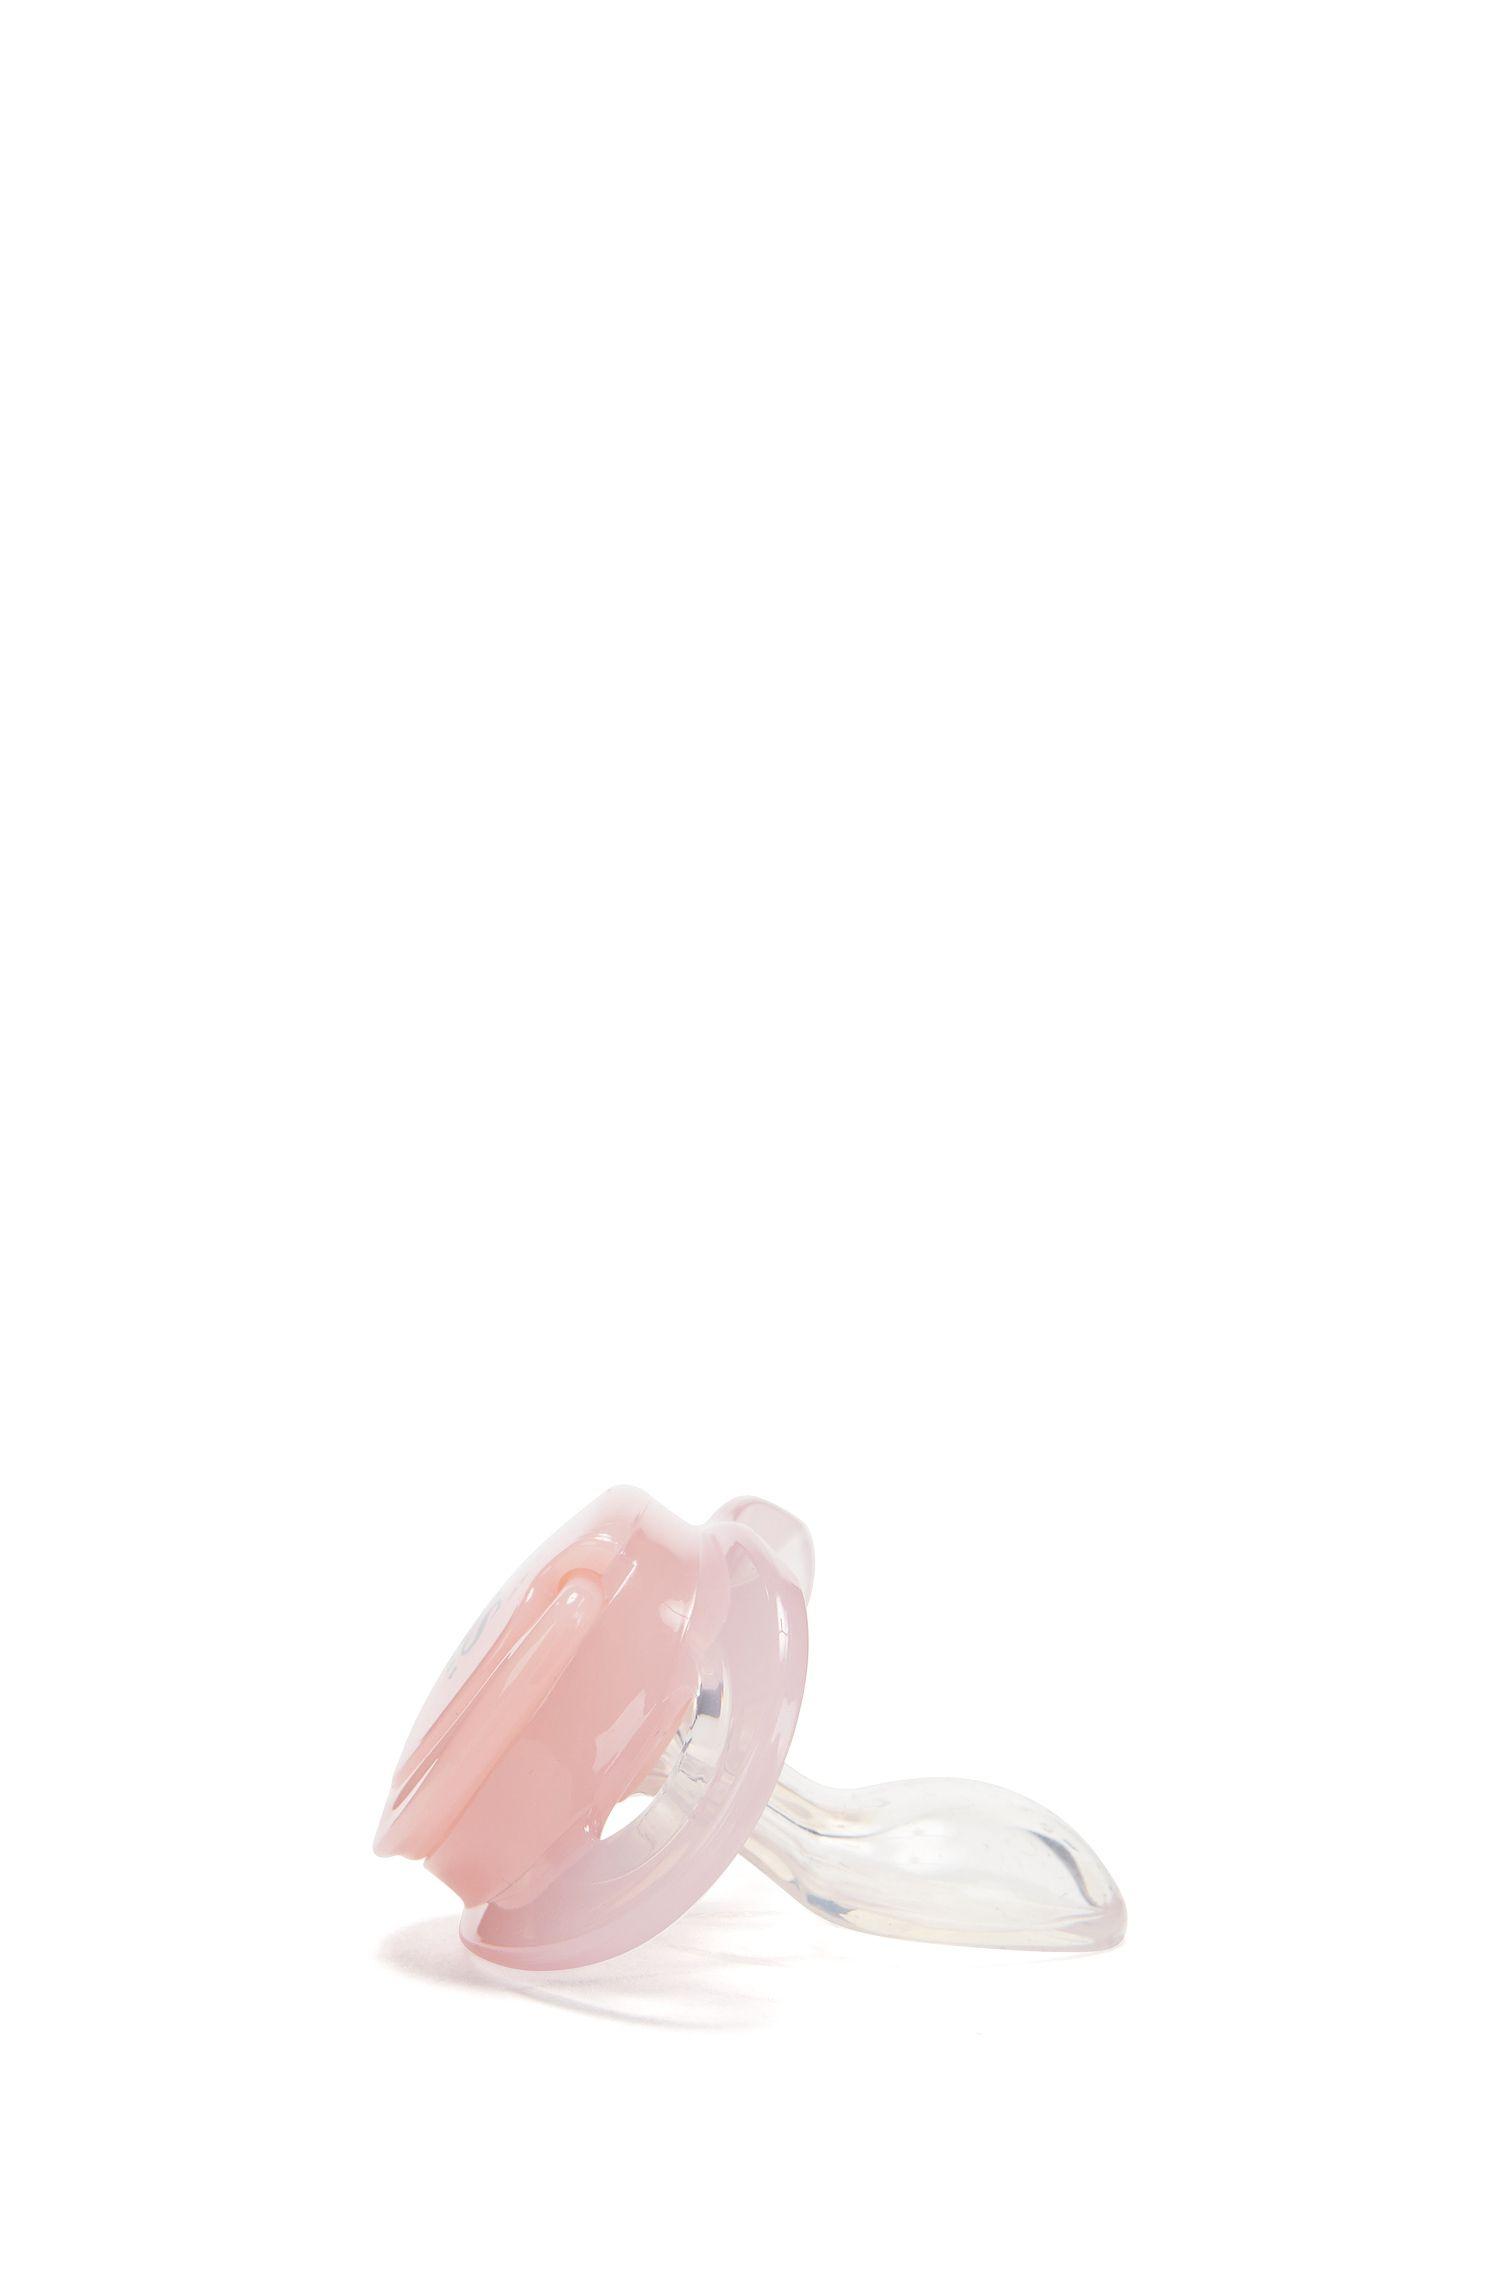 Ciuccio da neonato con tettarella in silicone, Rosa chiaro